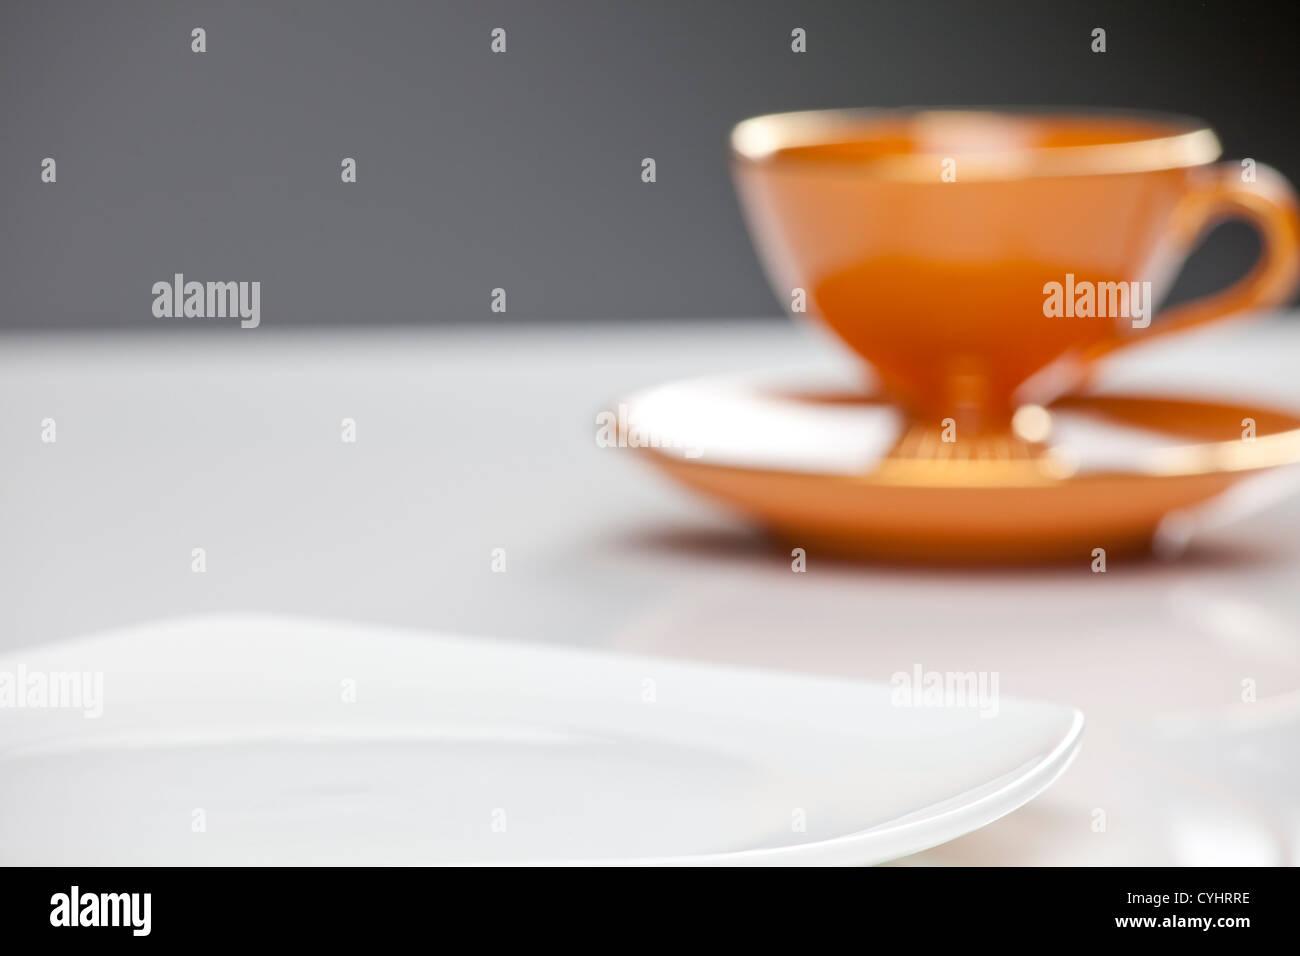 Taza de Té de naranja y blanco placa en blanco reflectante de la superficie. Imagen De Stock